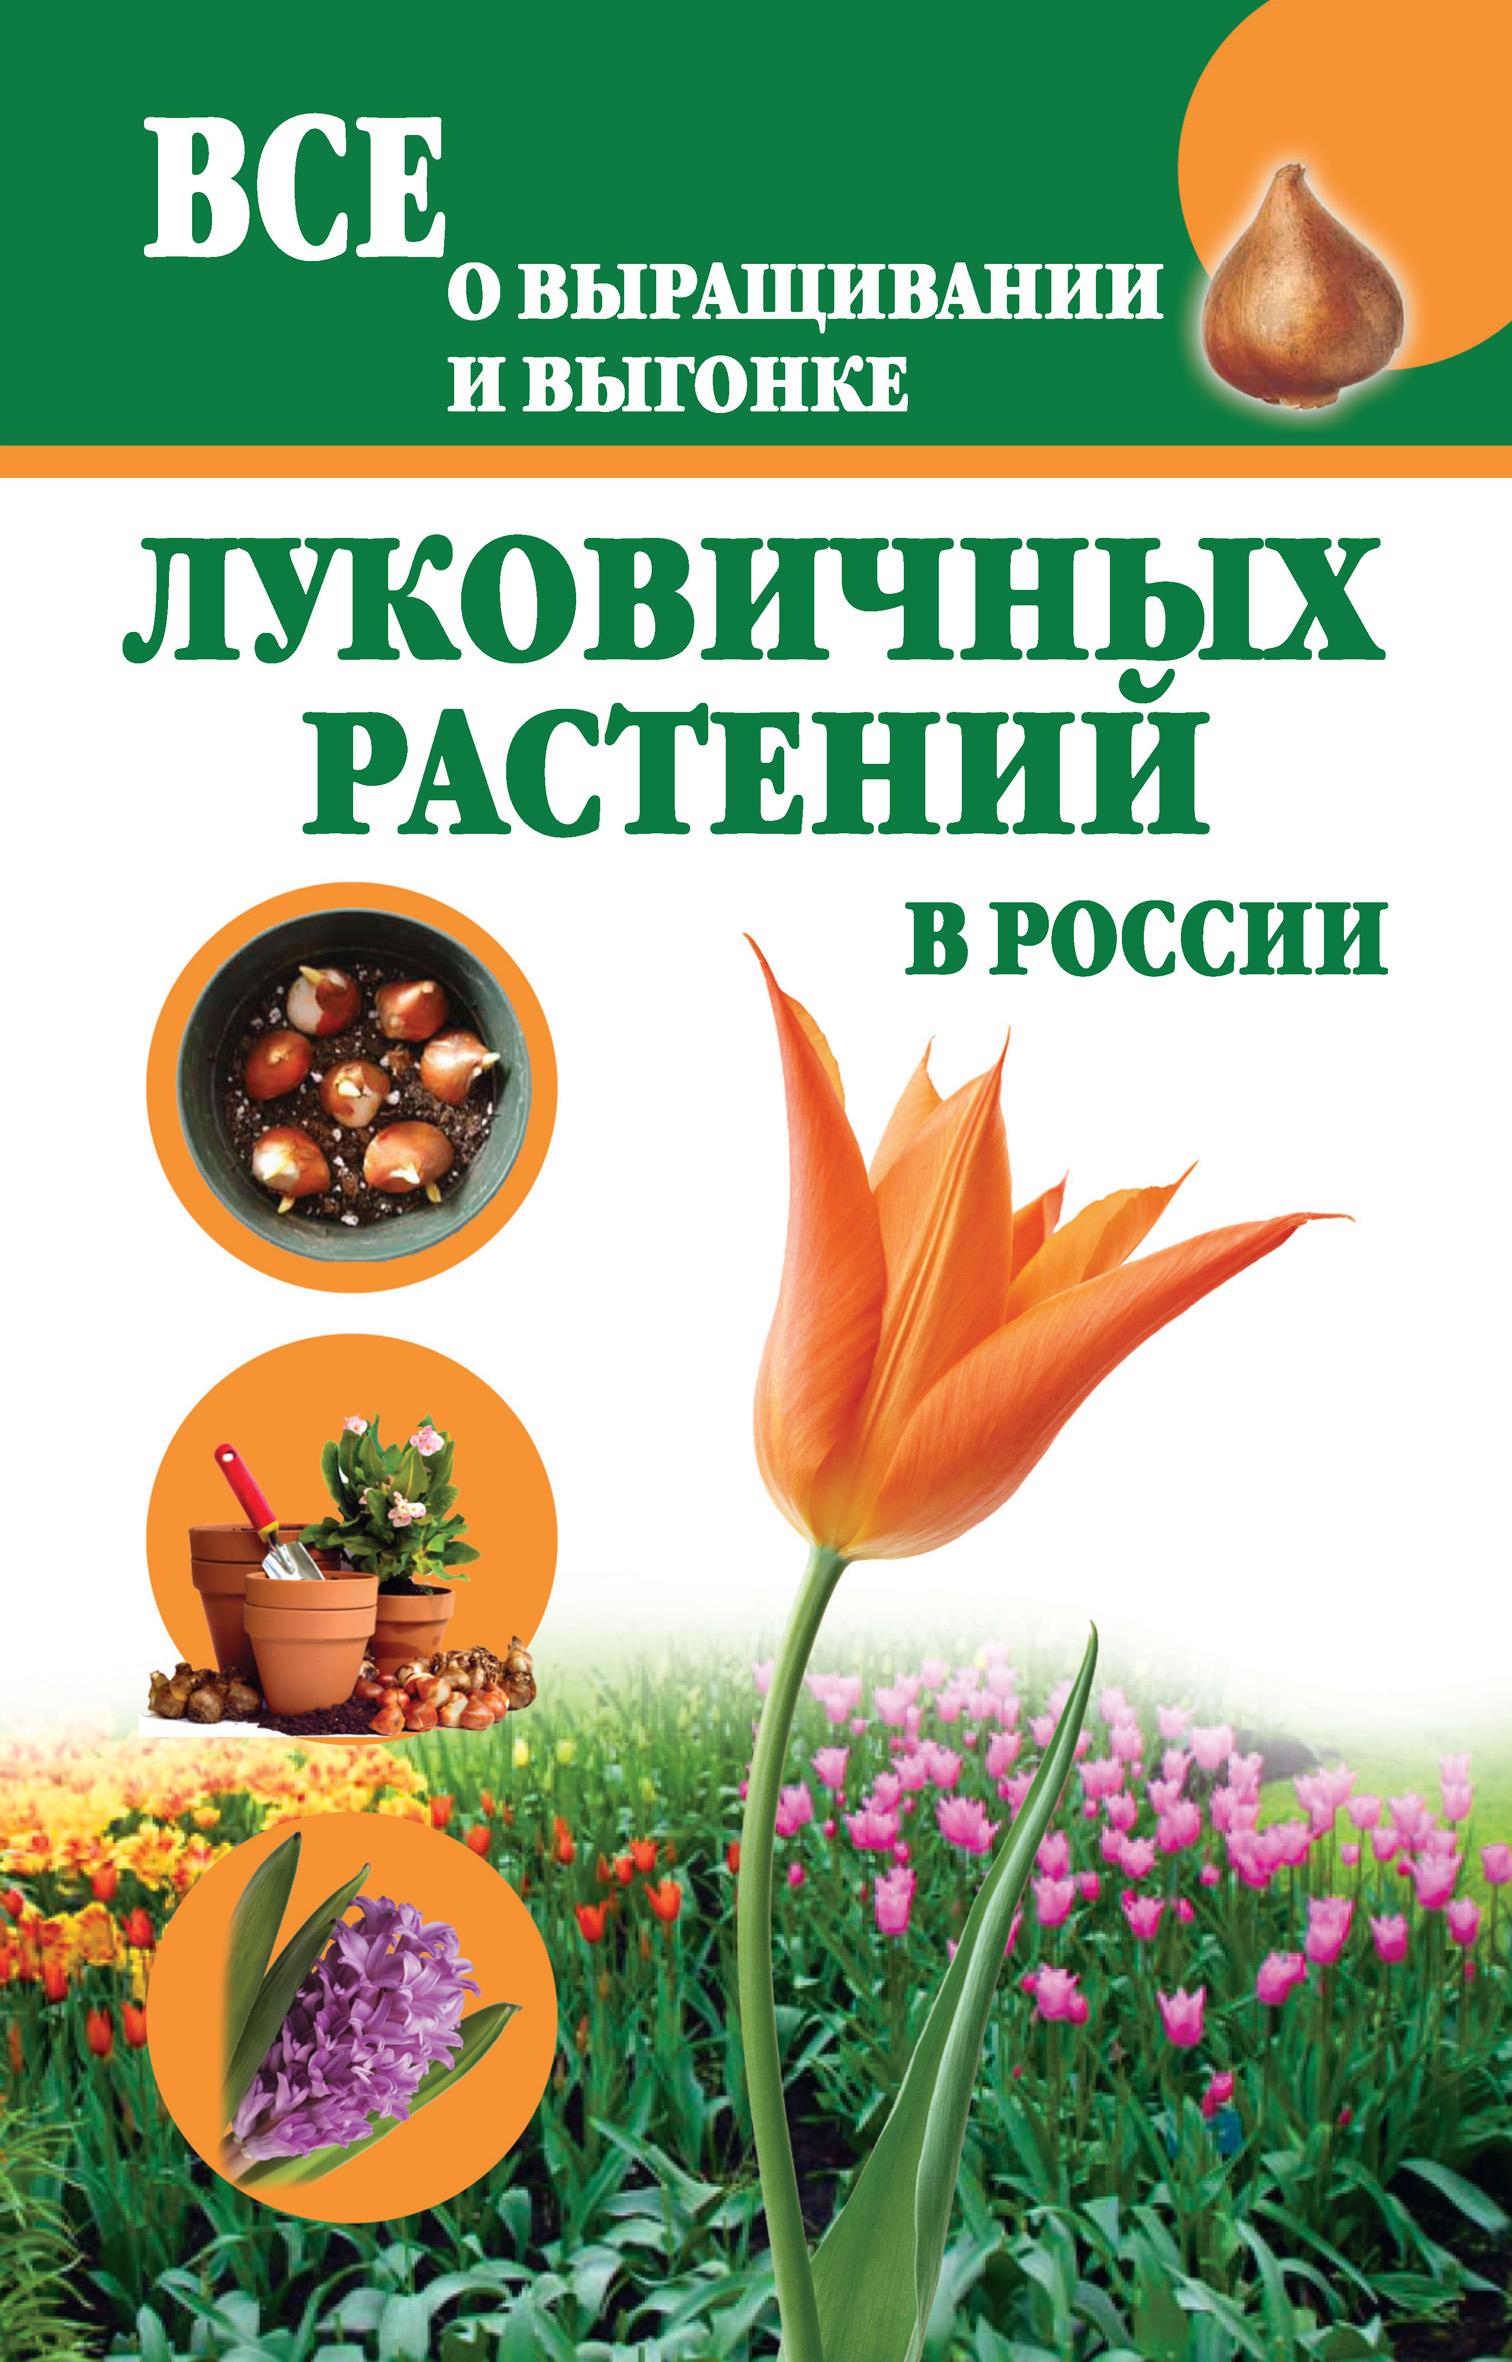 Татьяна Литвинова Все о выращивании и выгонке луковичных растений в России